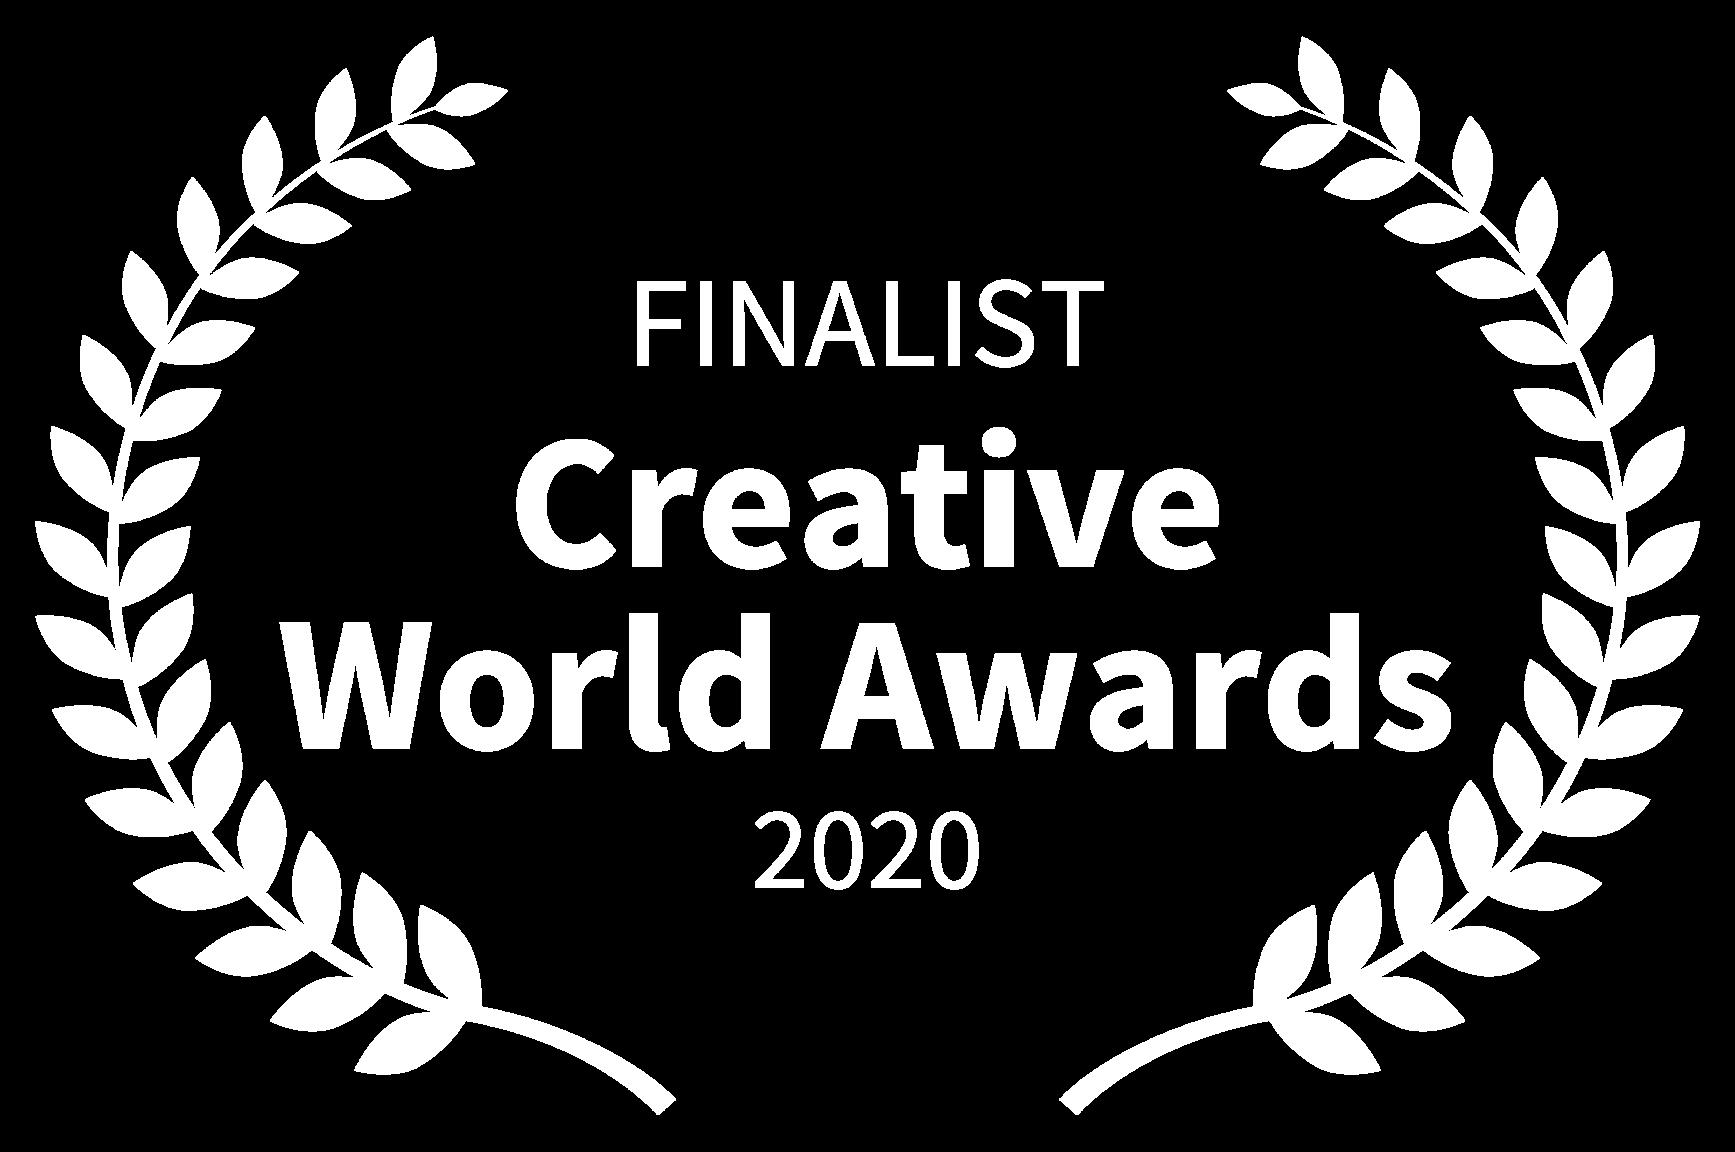 FINALIST - Creative World Awards - 2020